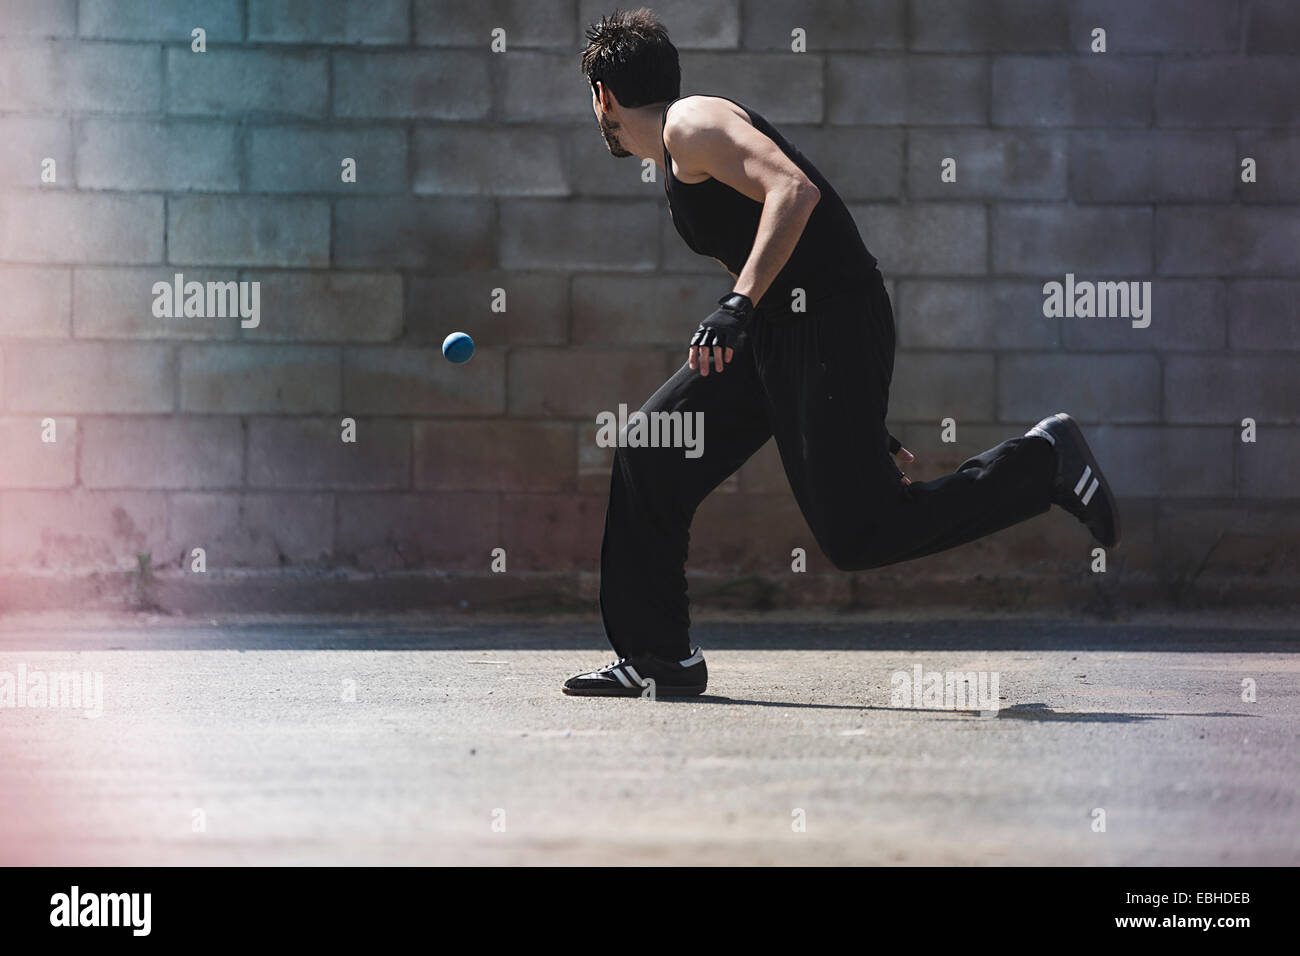 Junge männliche Handballer Ball laufen Stockbild